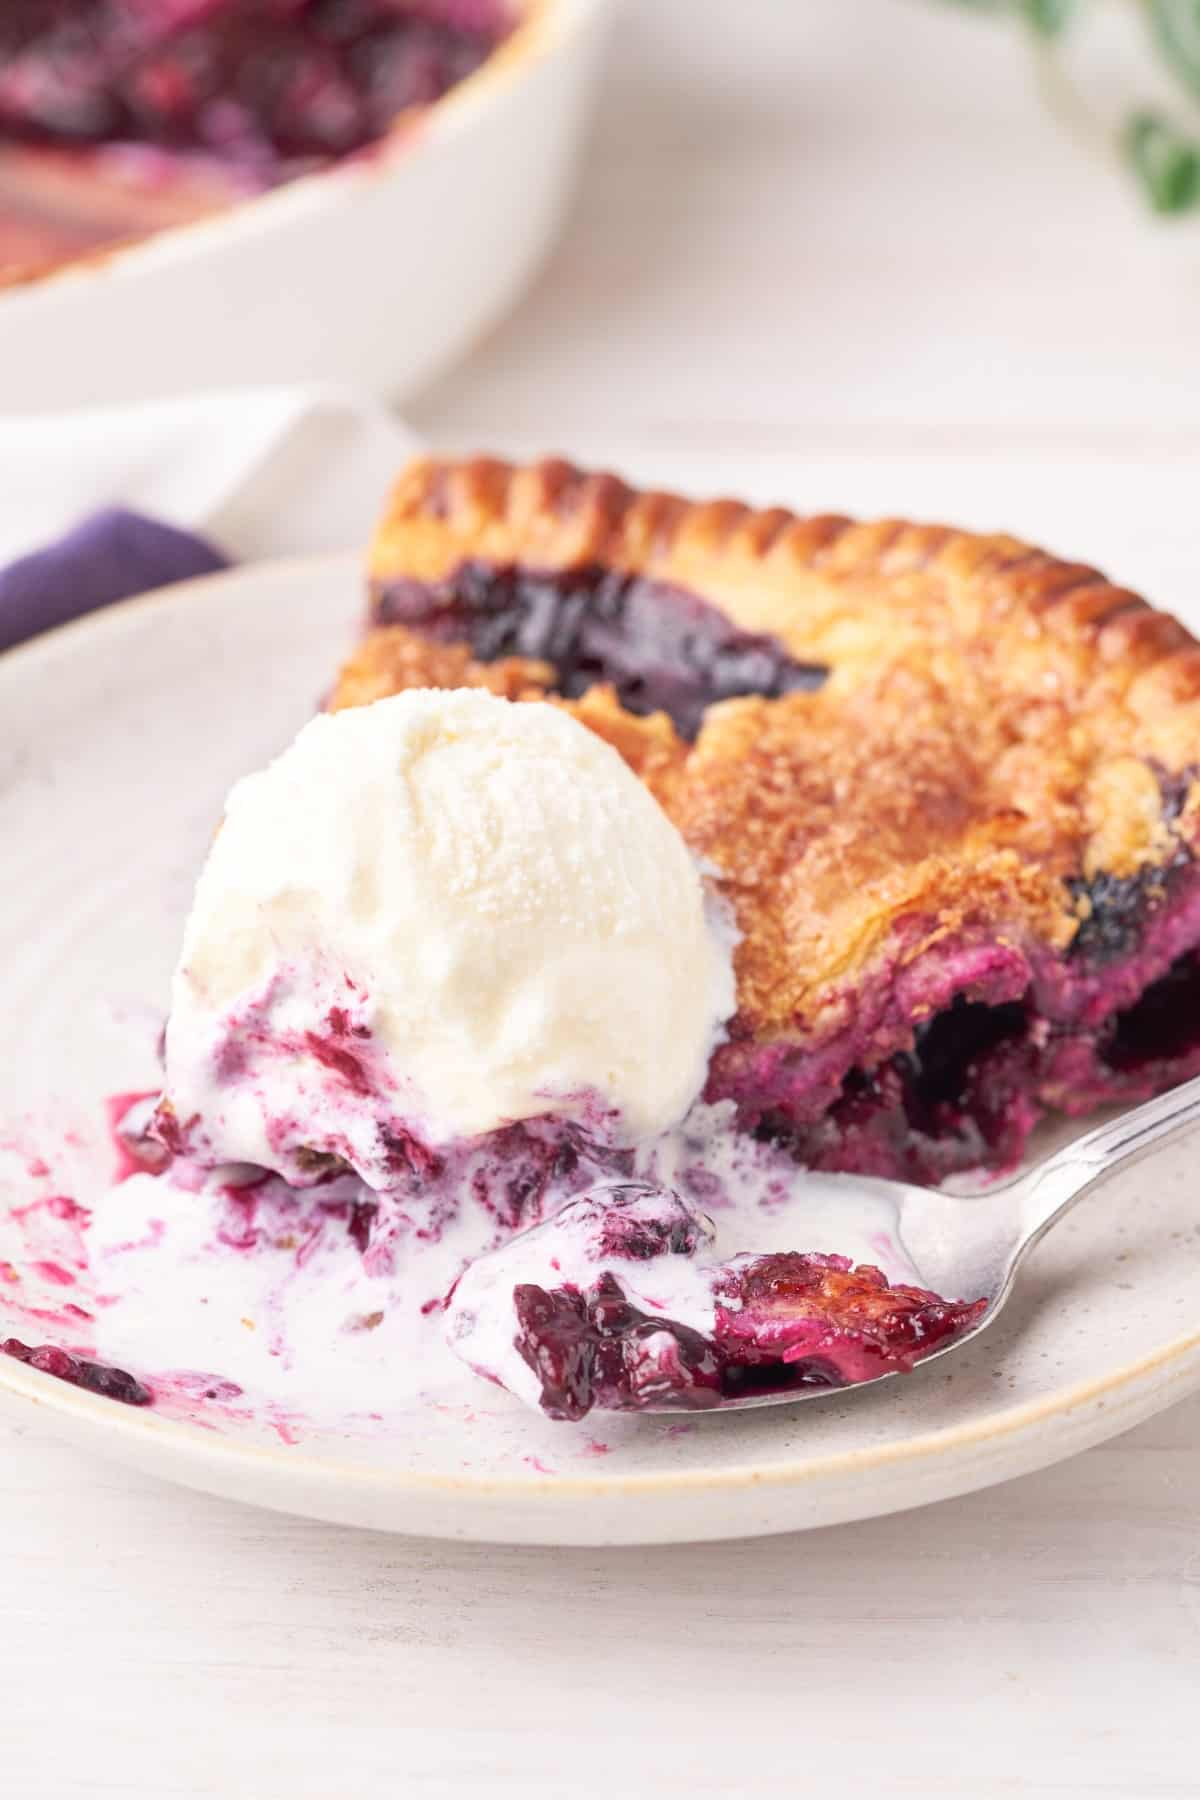 Blueberry pie and ice cream